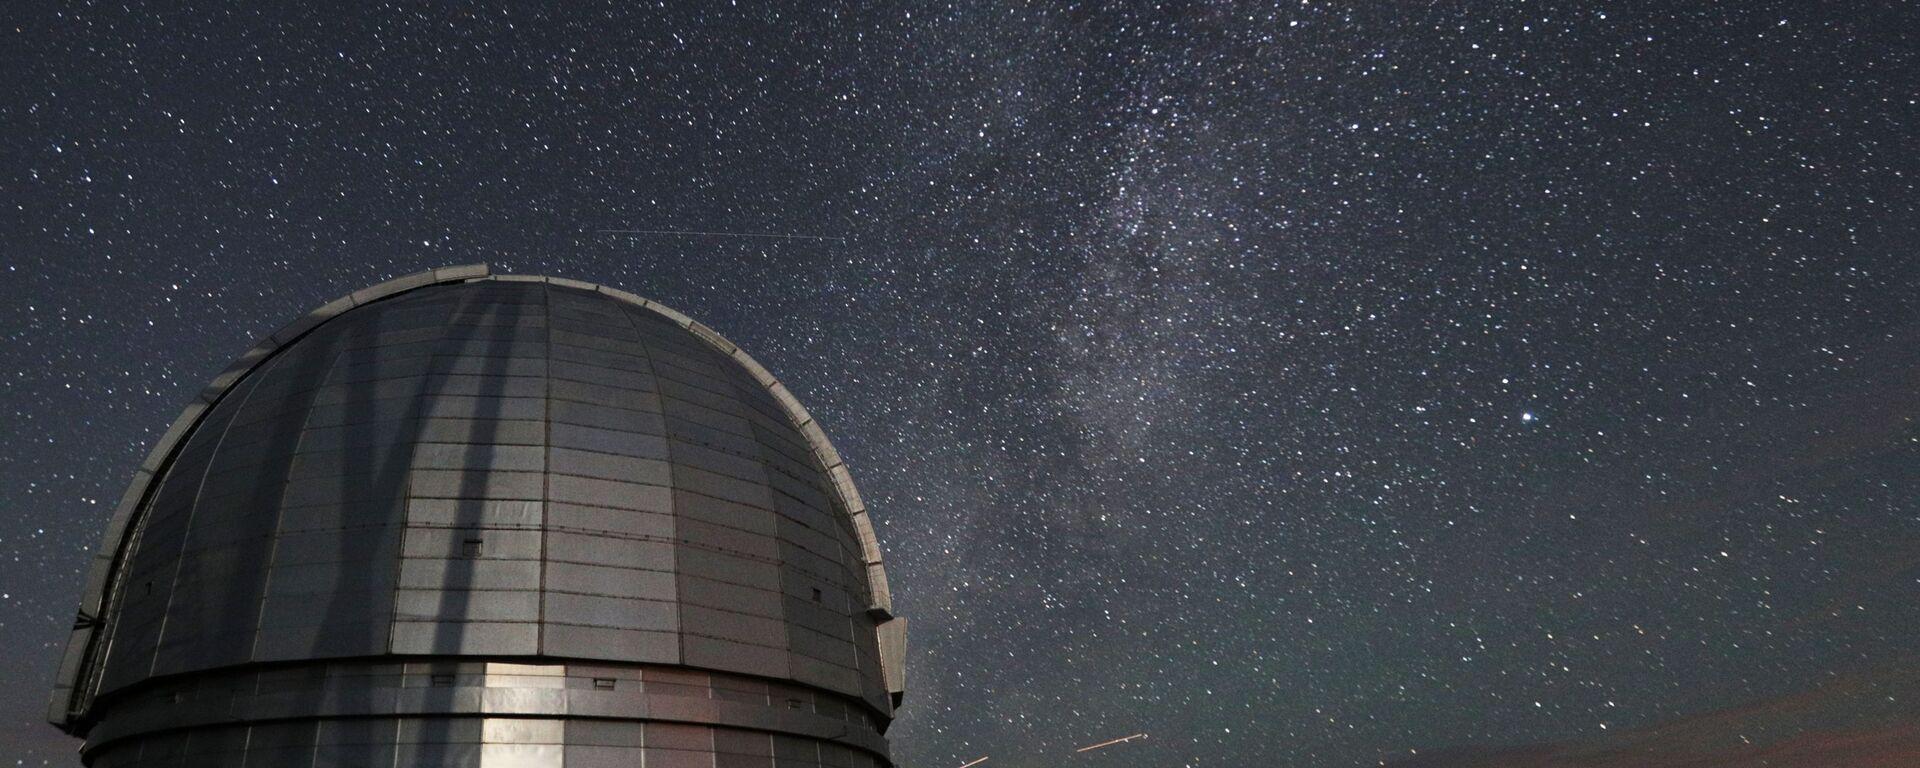 Специальная астрофизическая обсерватория РАН - Sputnik Таджикистан, 1920, 12.04.2021